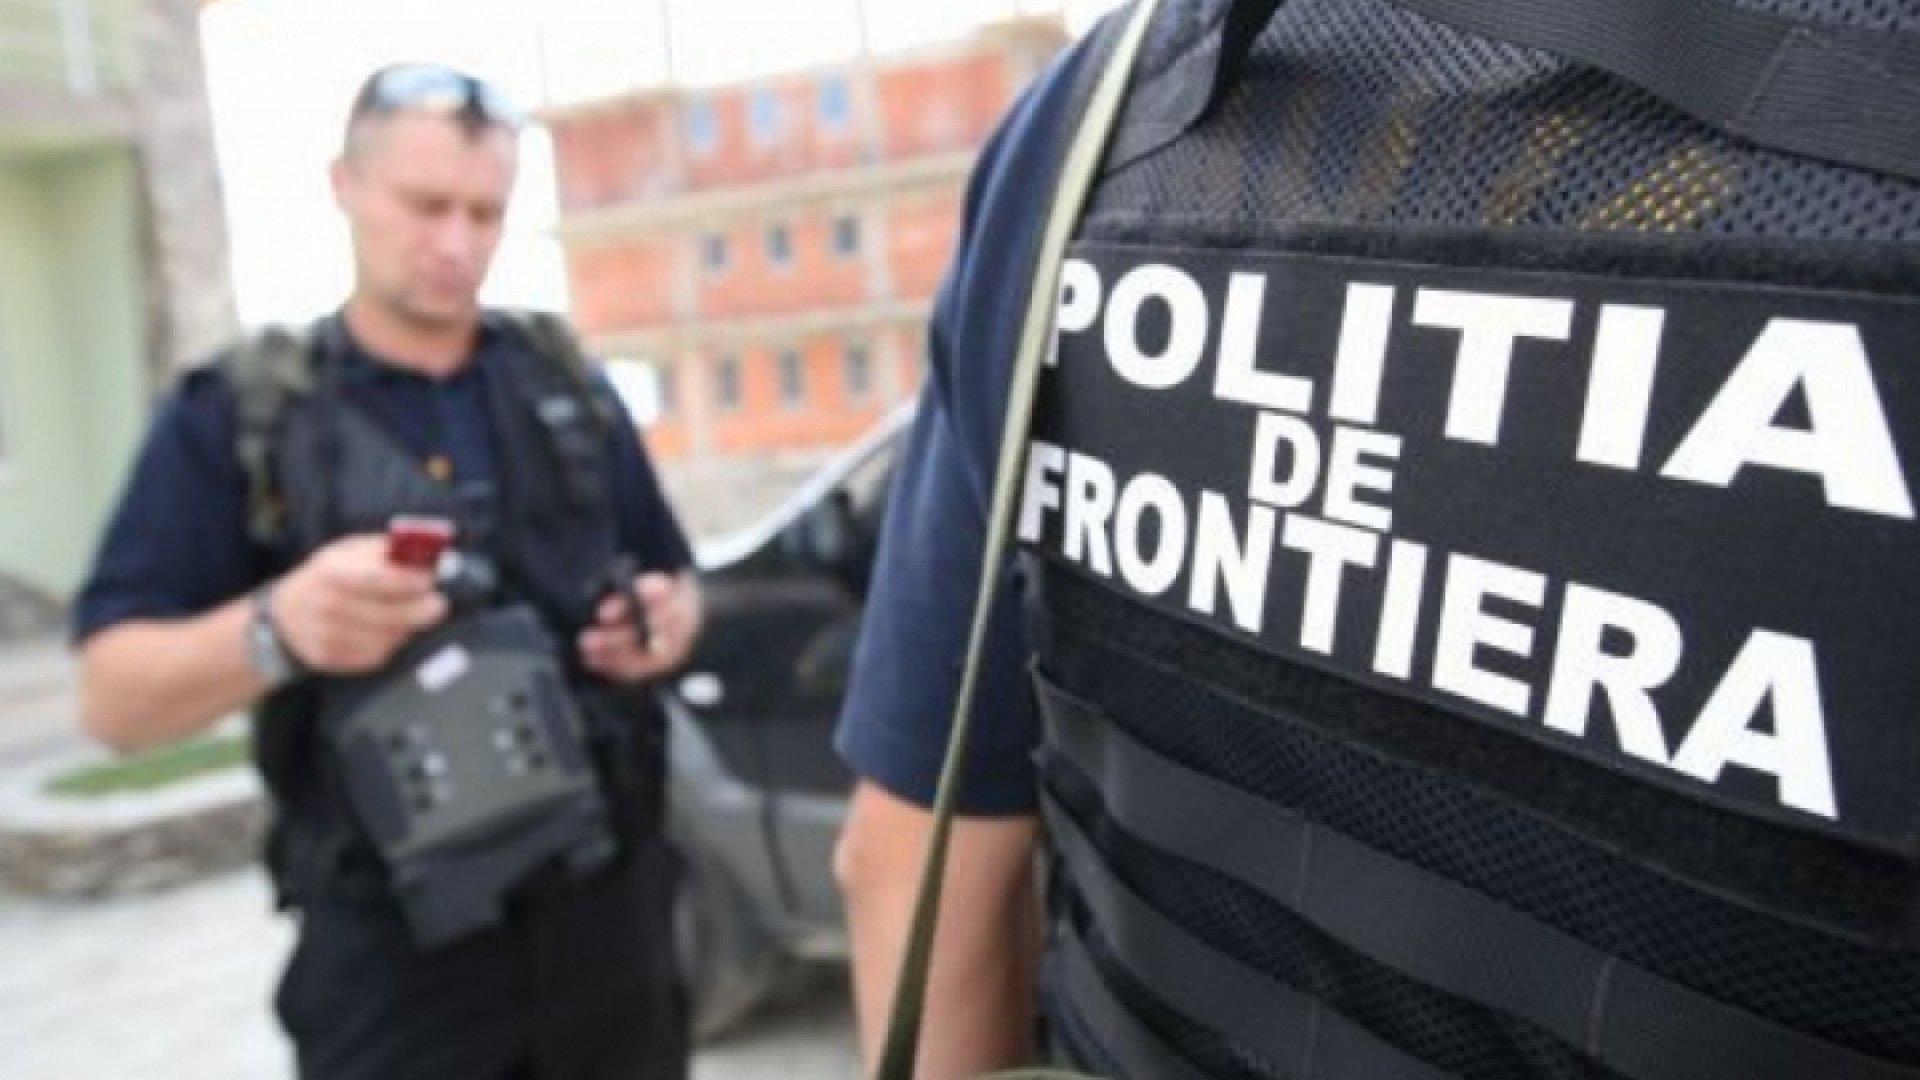 În perioada sărbătorilor de iarnă poliția de frontieră vor activa în regim special